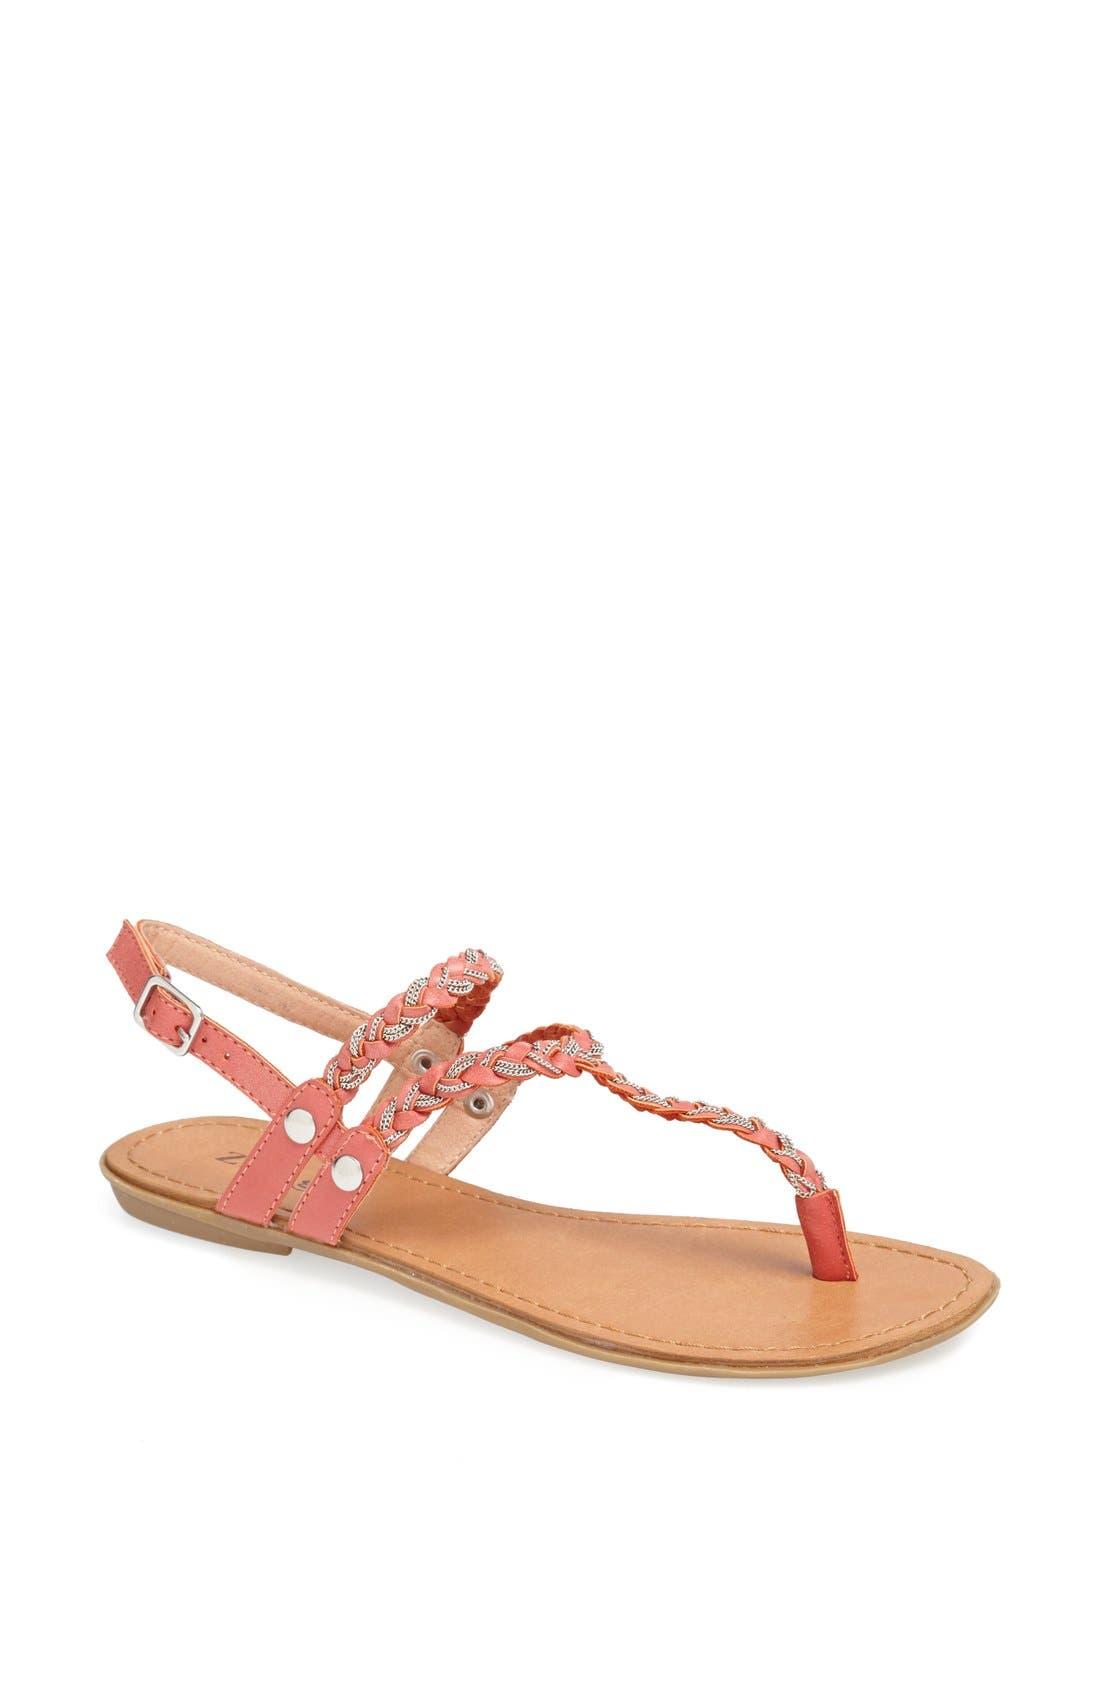 Main Image - ZiGi girl 'Articulate' Sandal